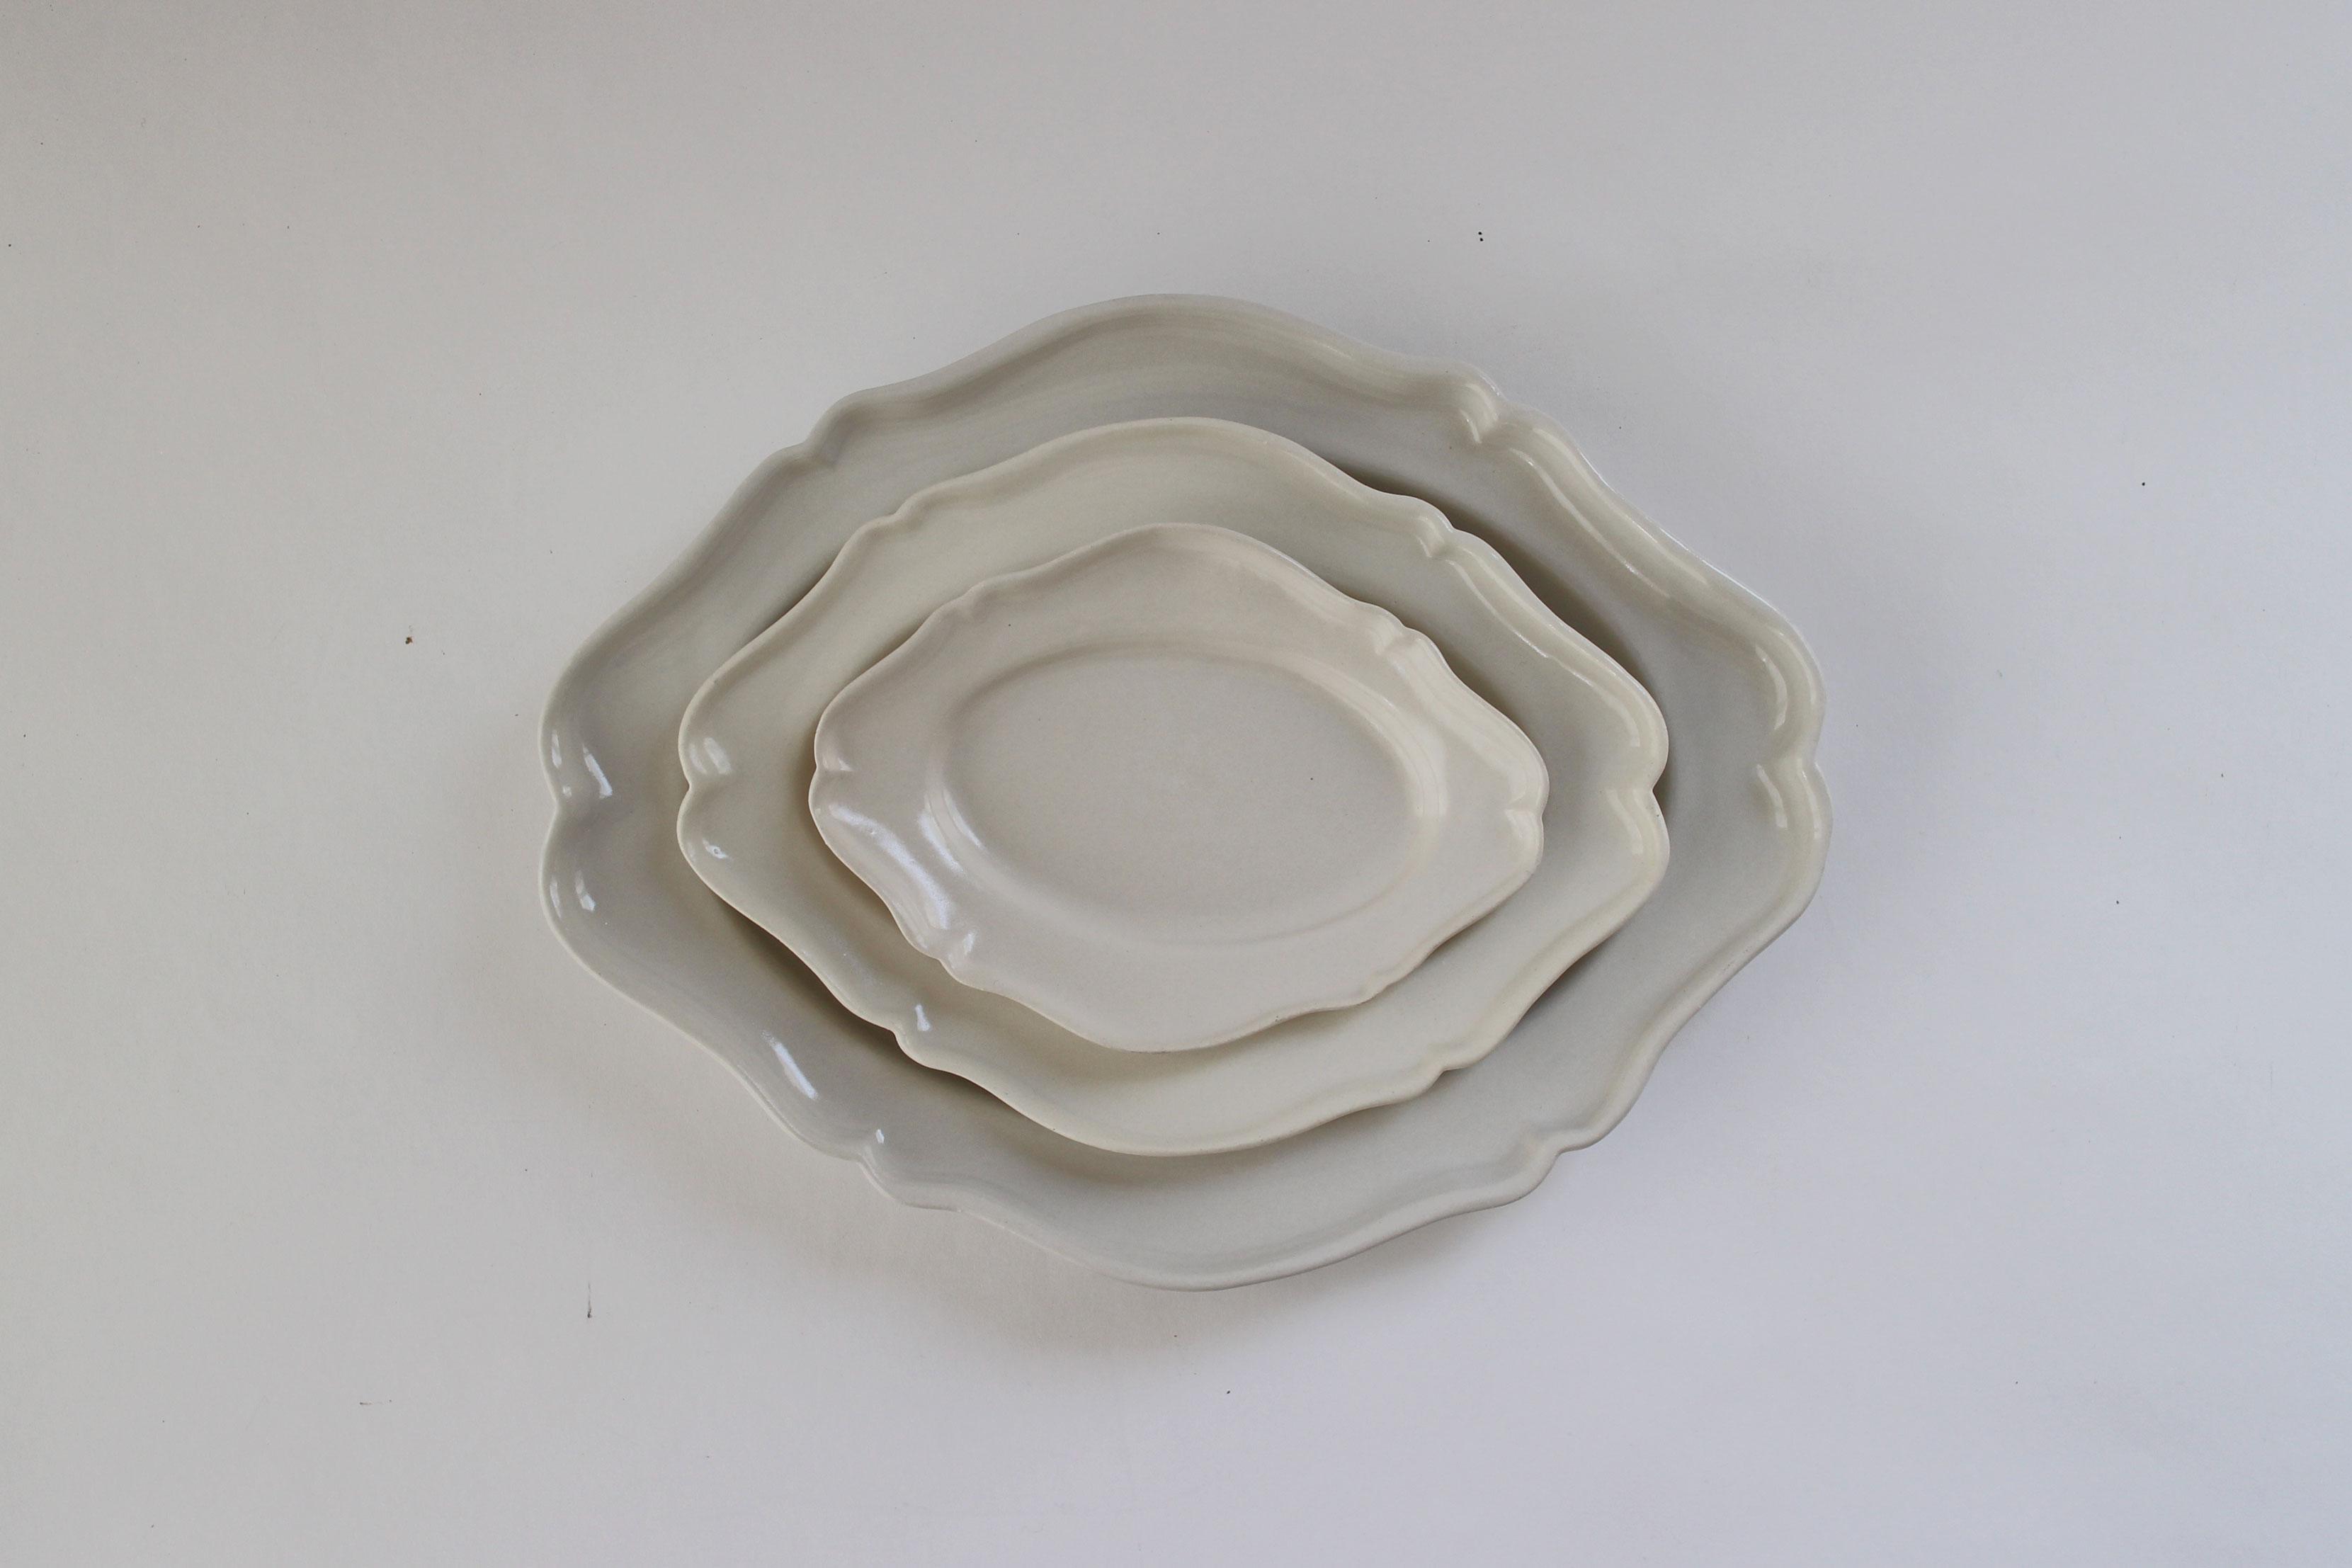 河合竜彦 白ツヤ釉 オーバルレリーフ皿